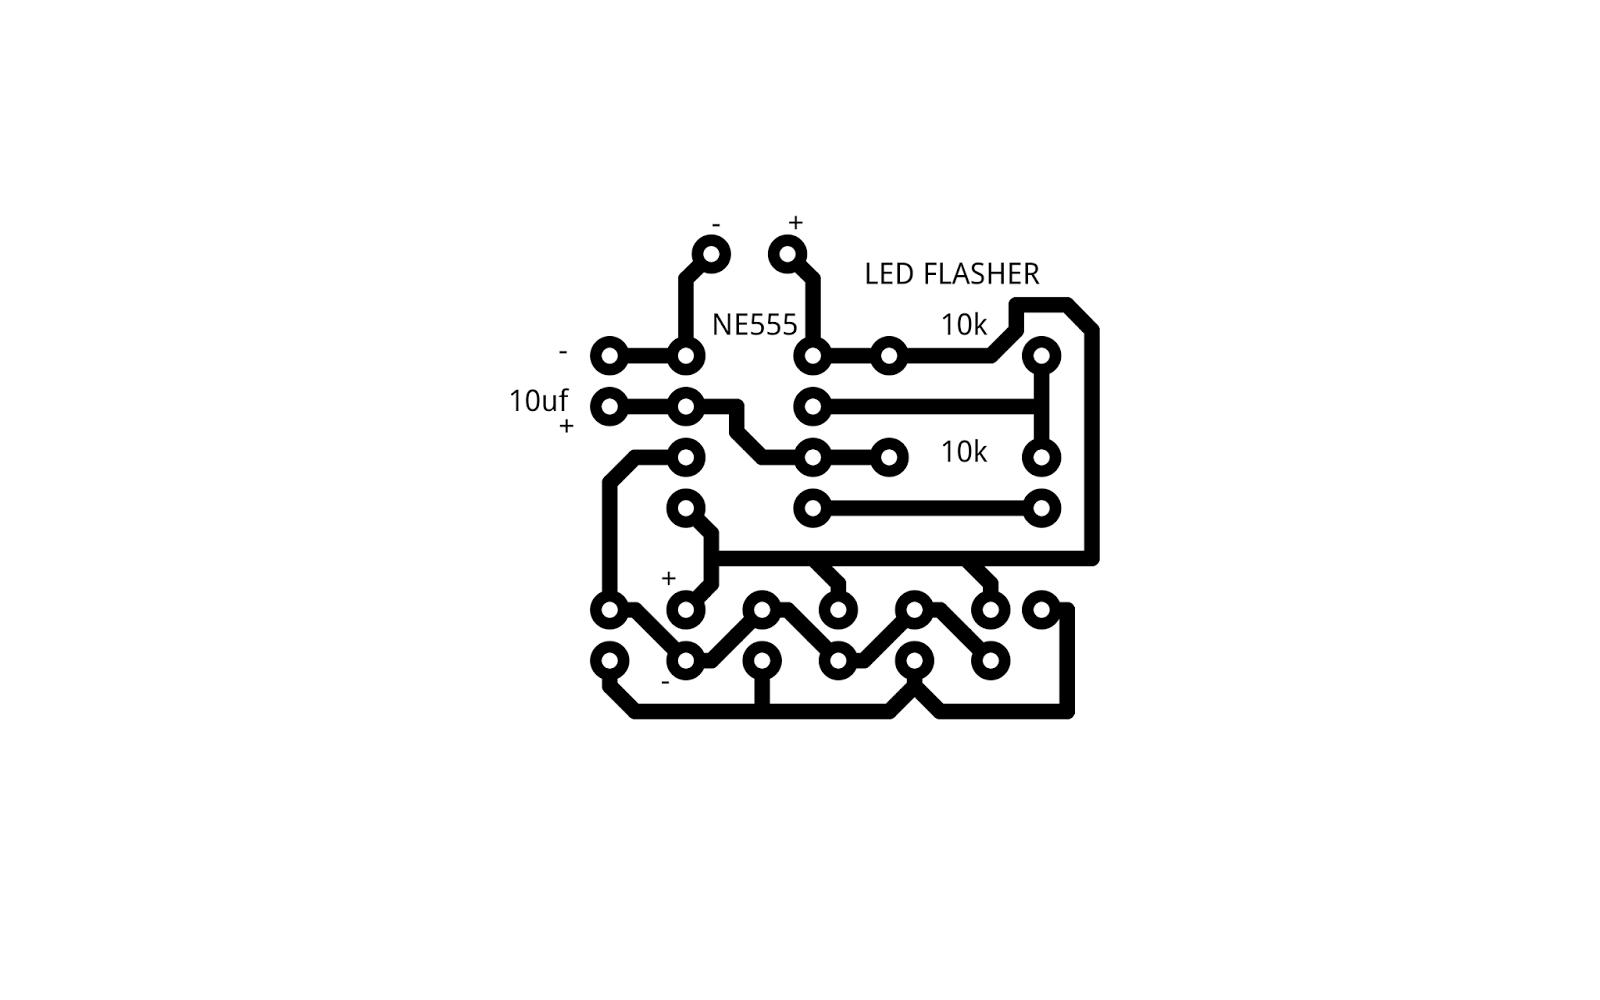 enjoy elctronics  led flasher